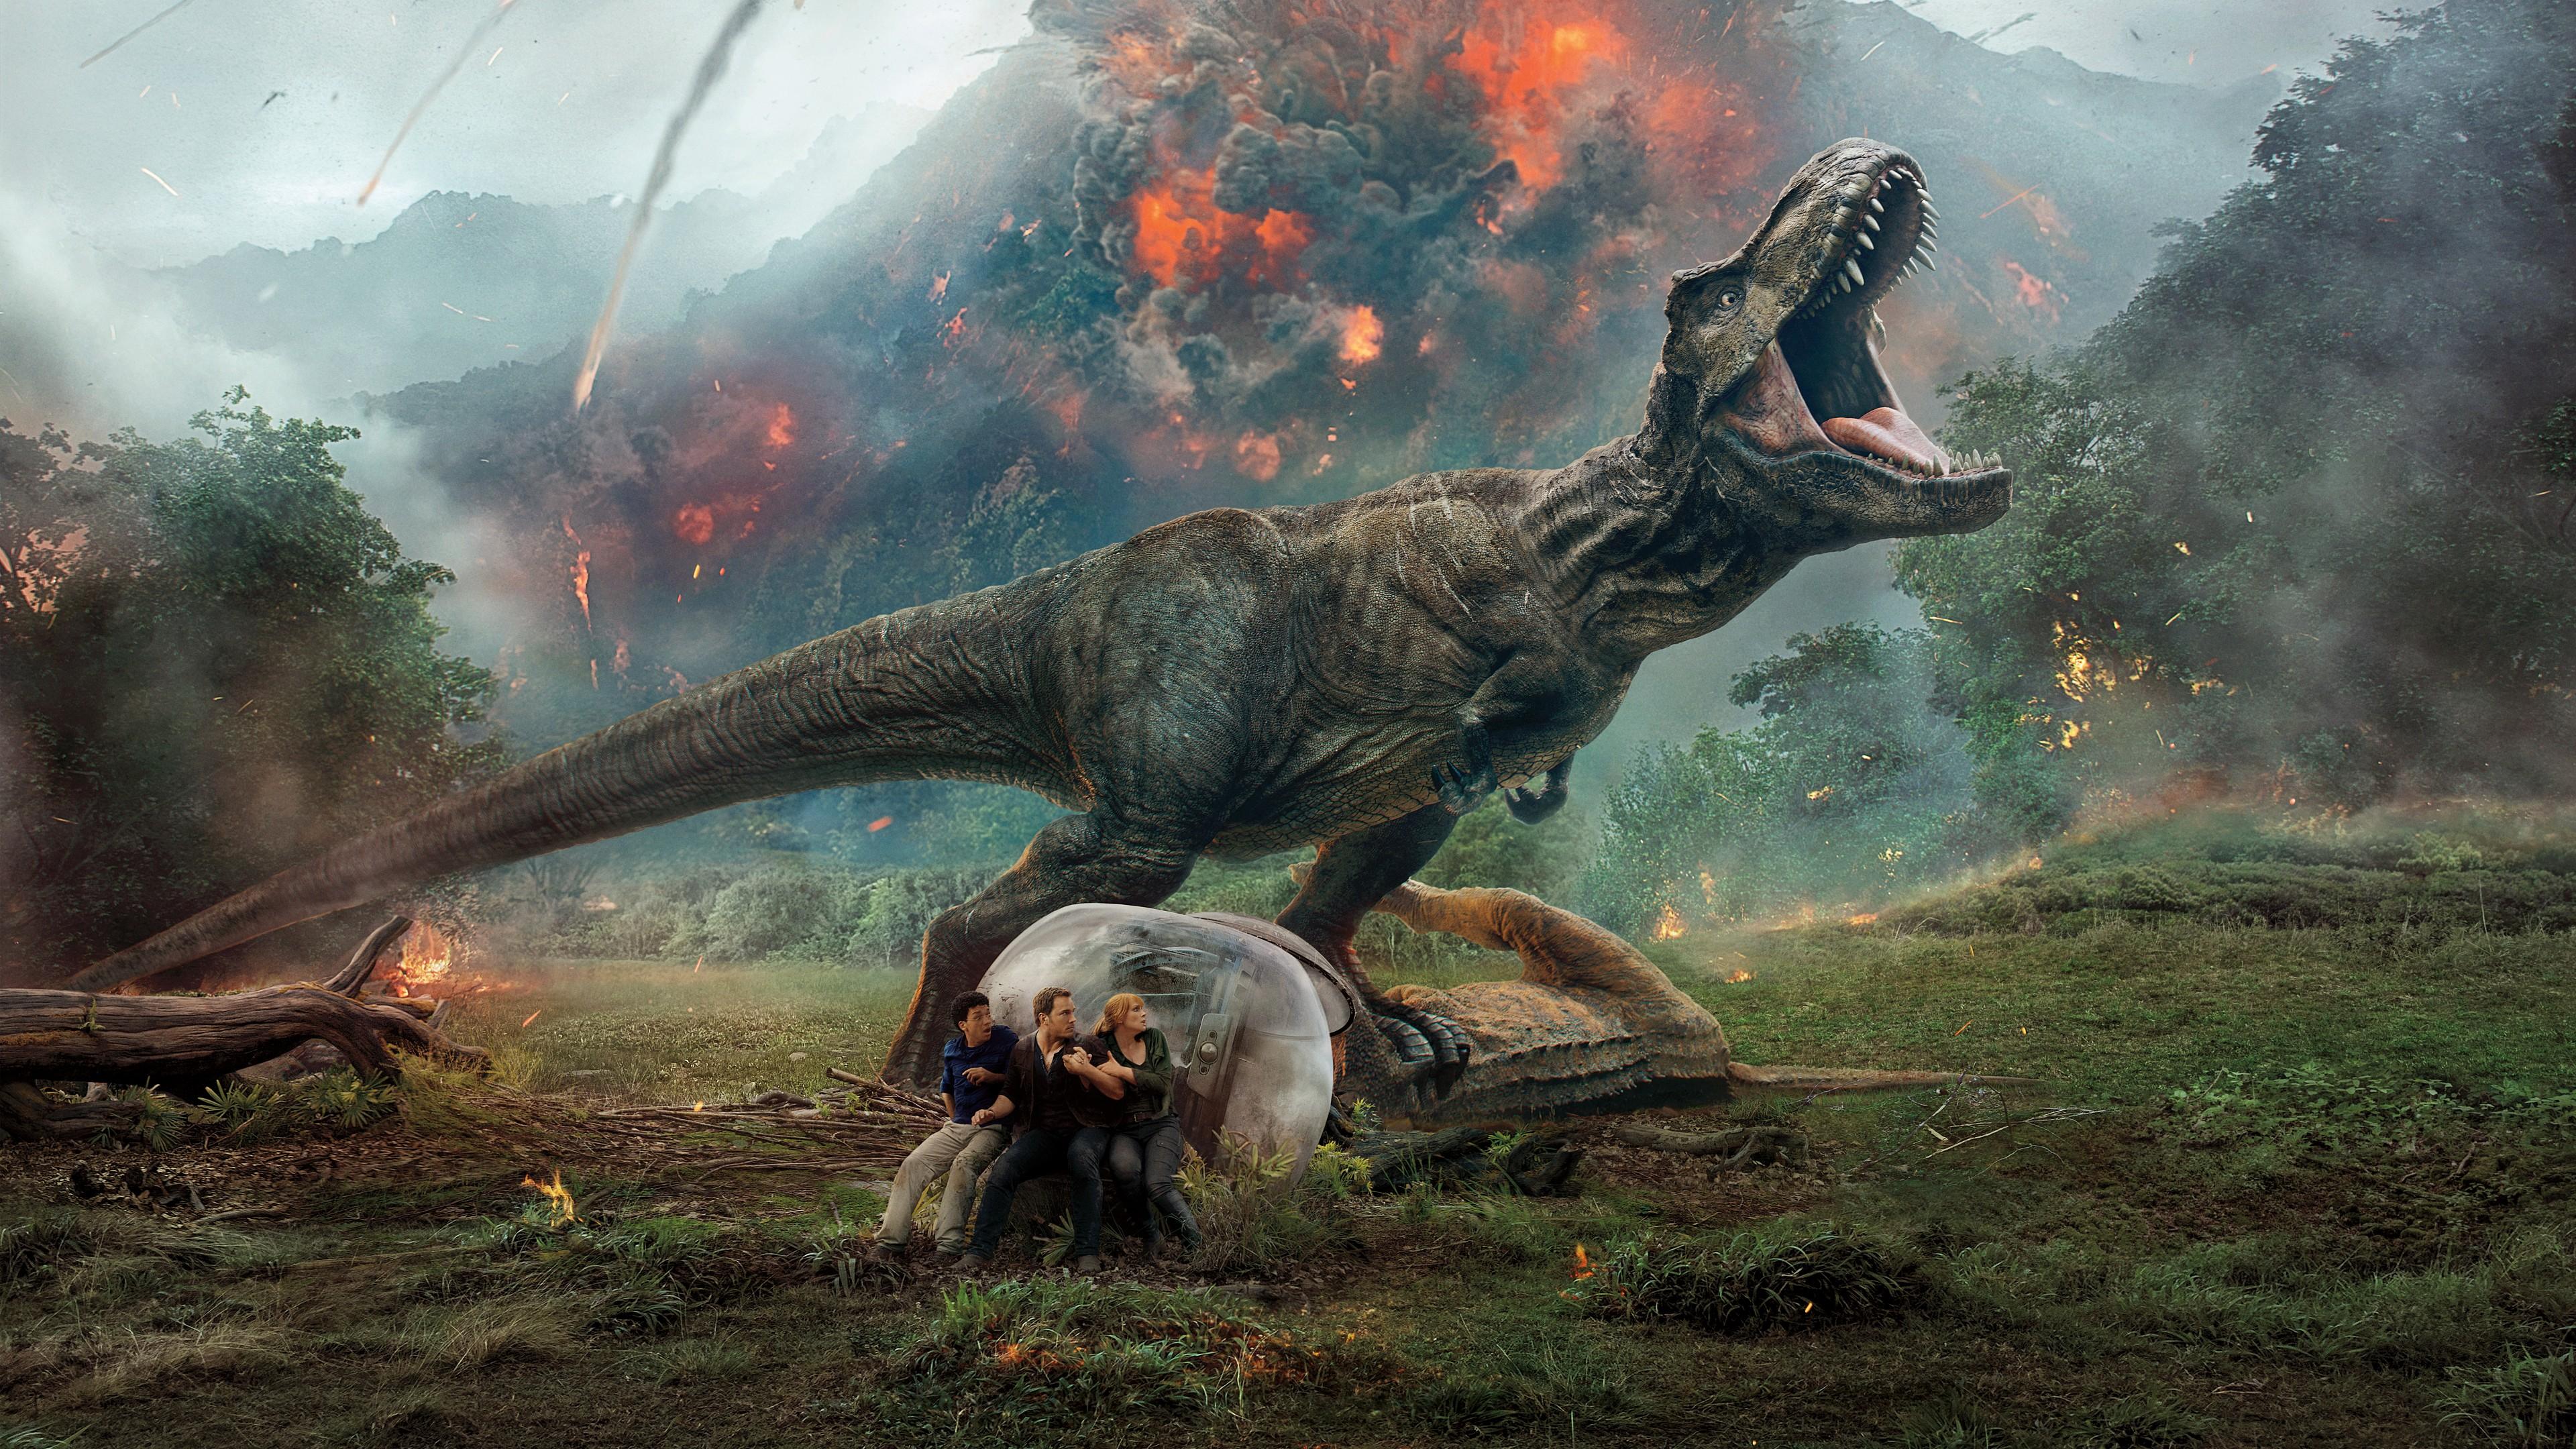 Jurassic World: Fallen Kingdom (Universal)